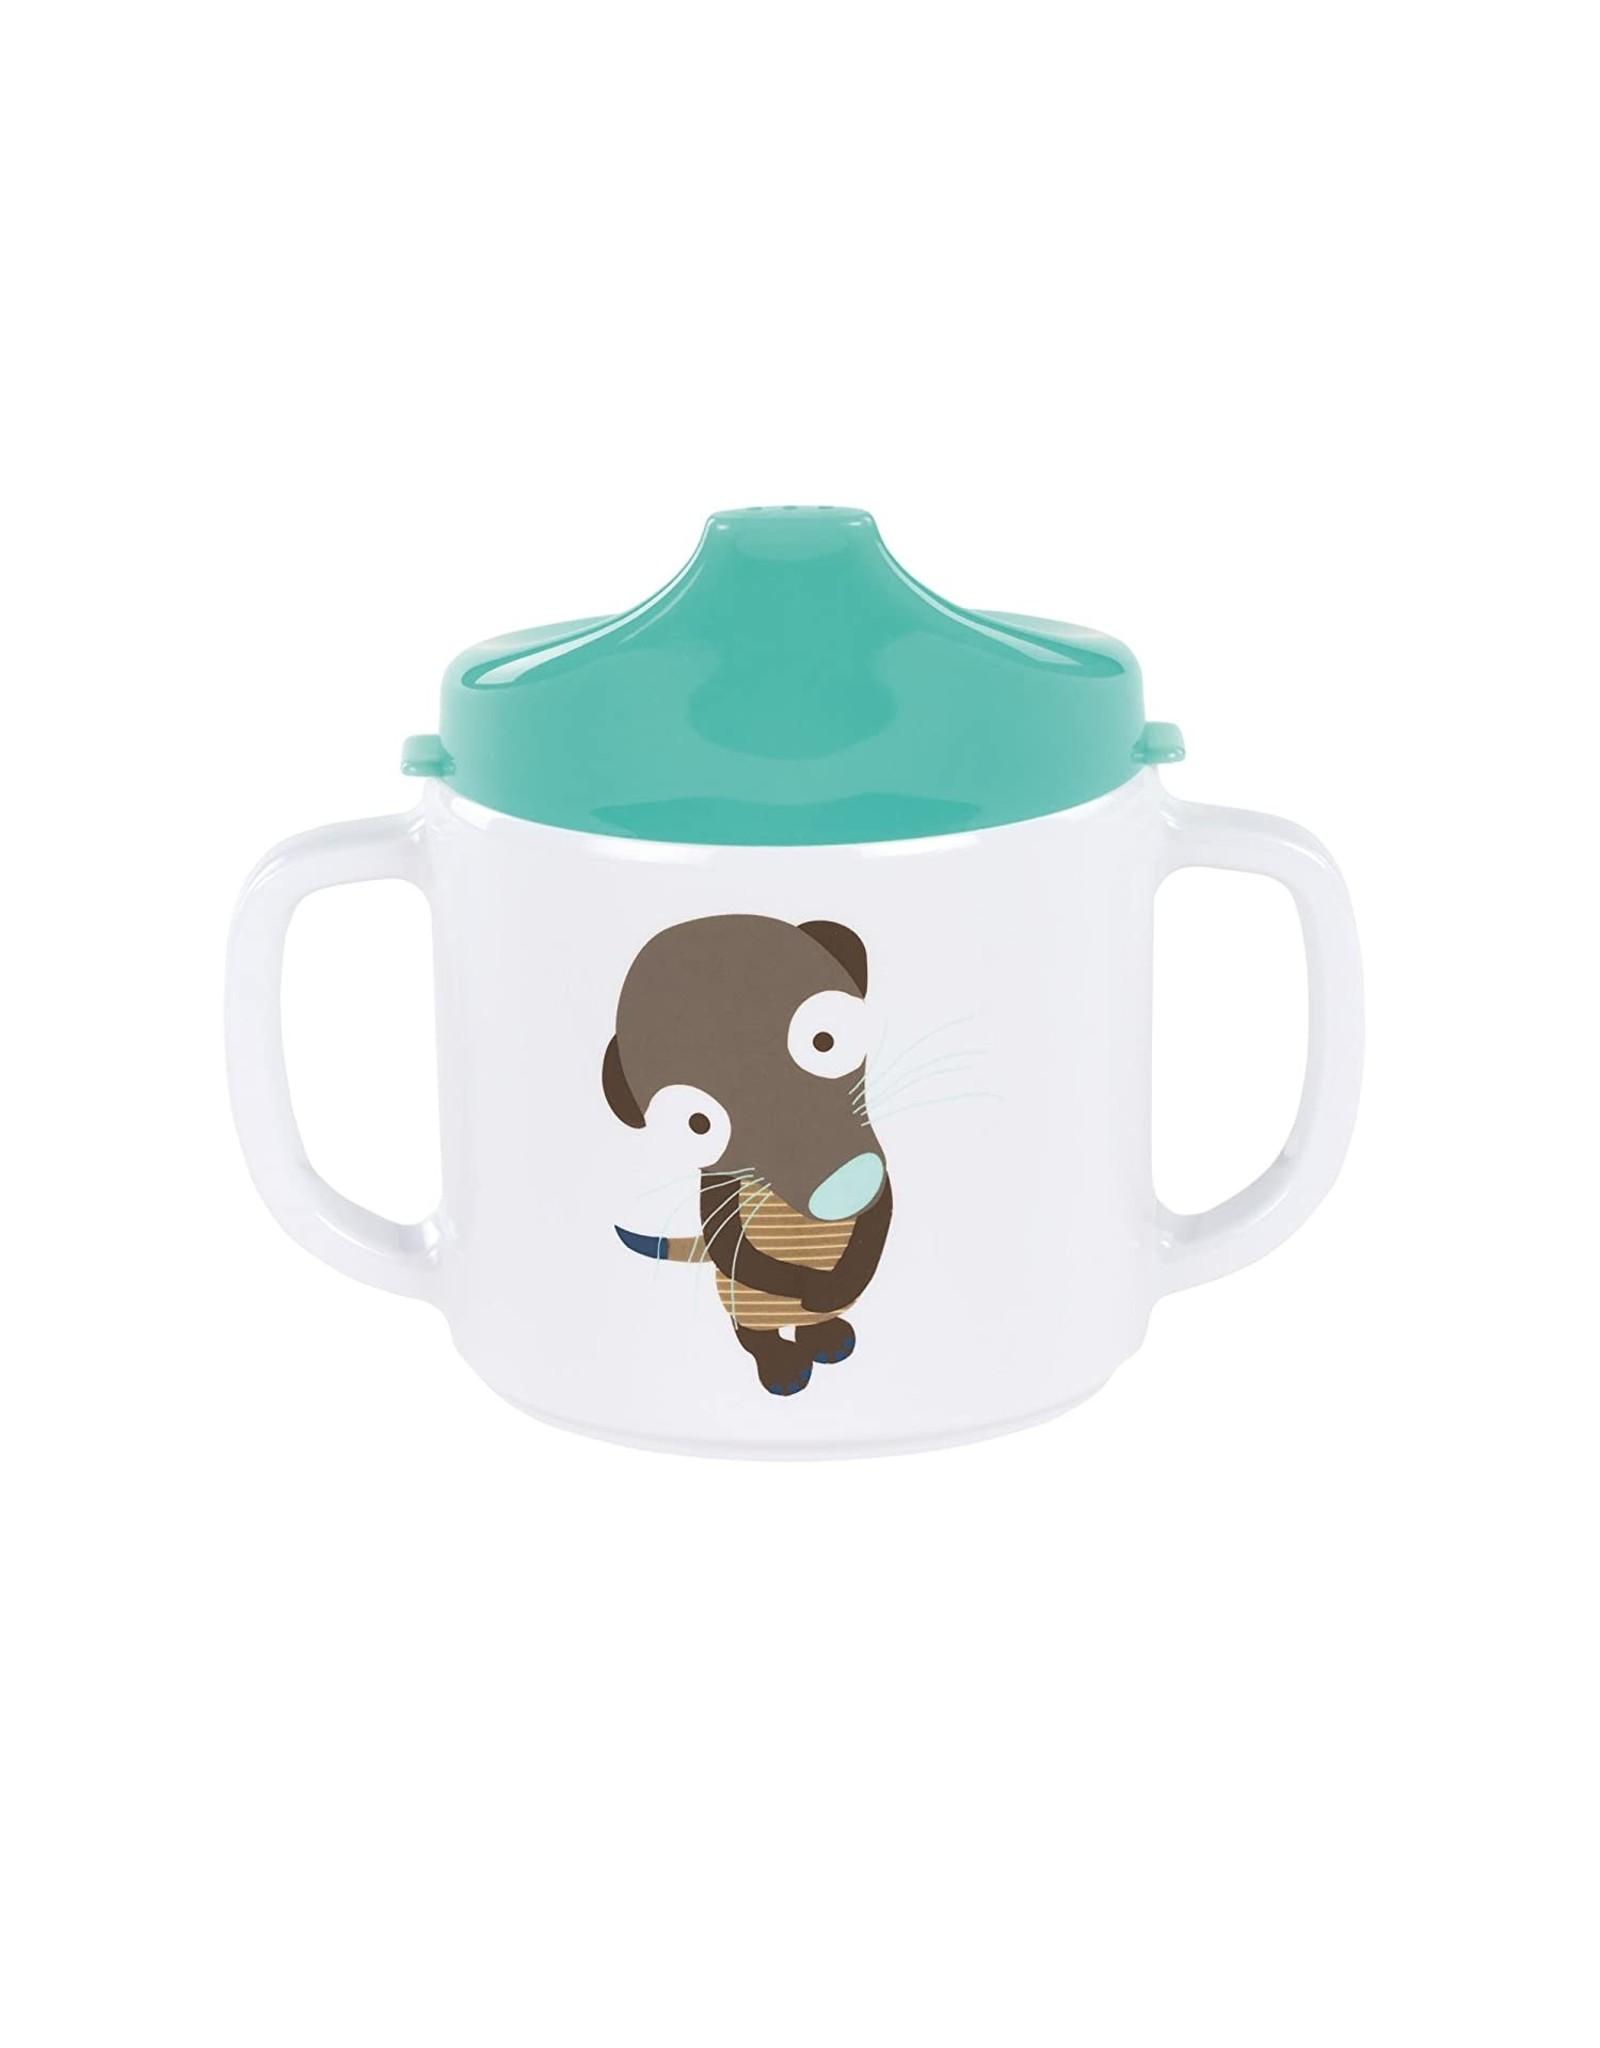 Lassig Lassig Sippy Cup Meerkat